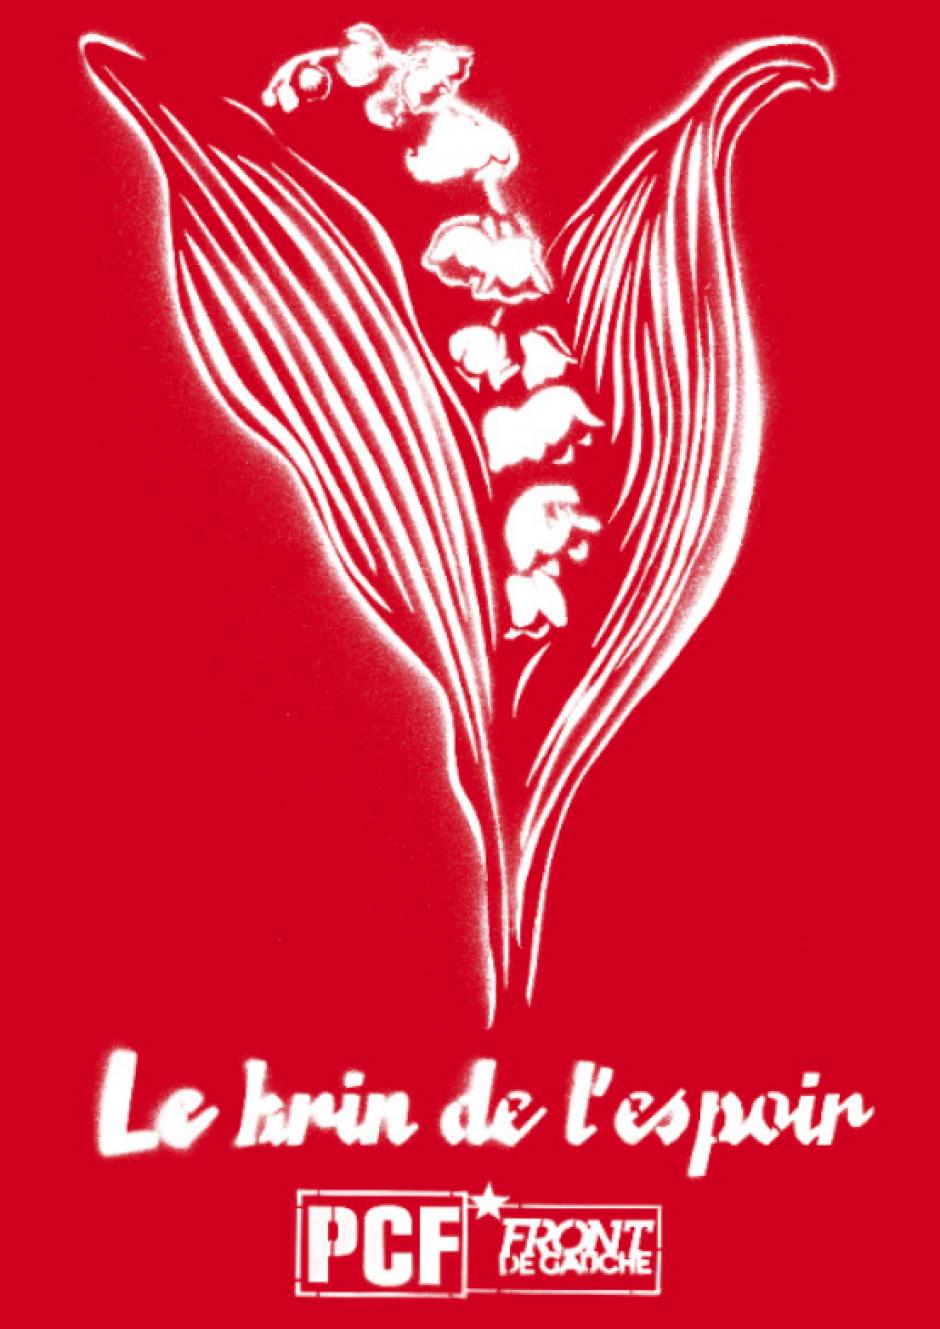 Le 1er mai, à Bagneux, achetez le muguet de l'espoir et des luttes !